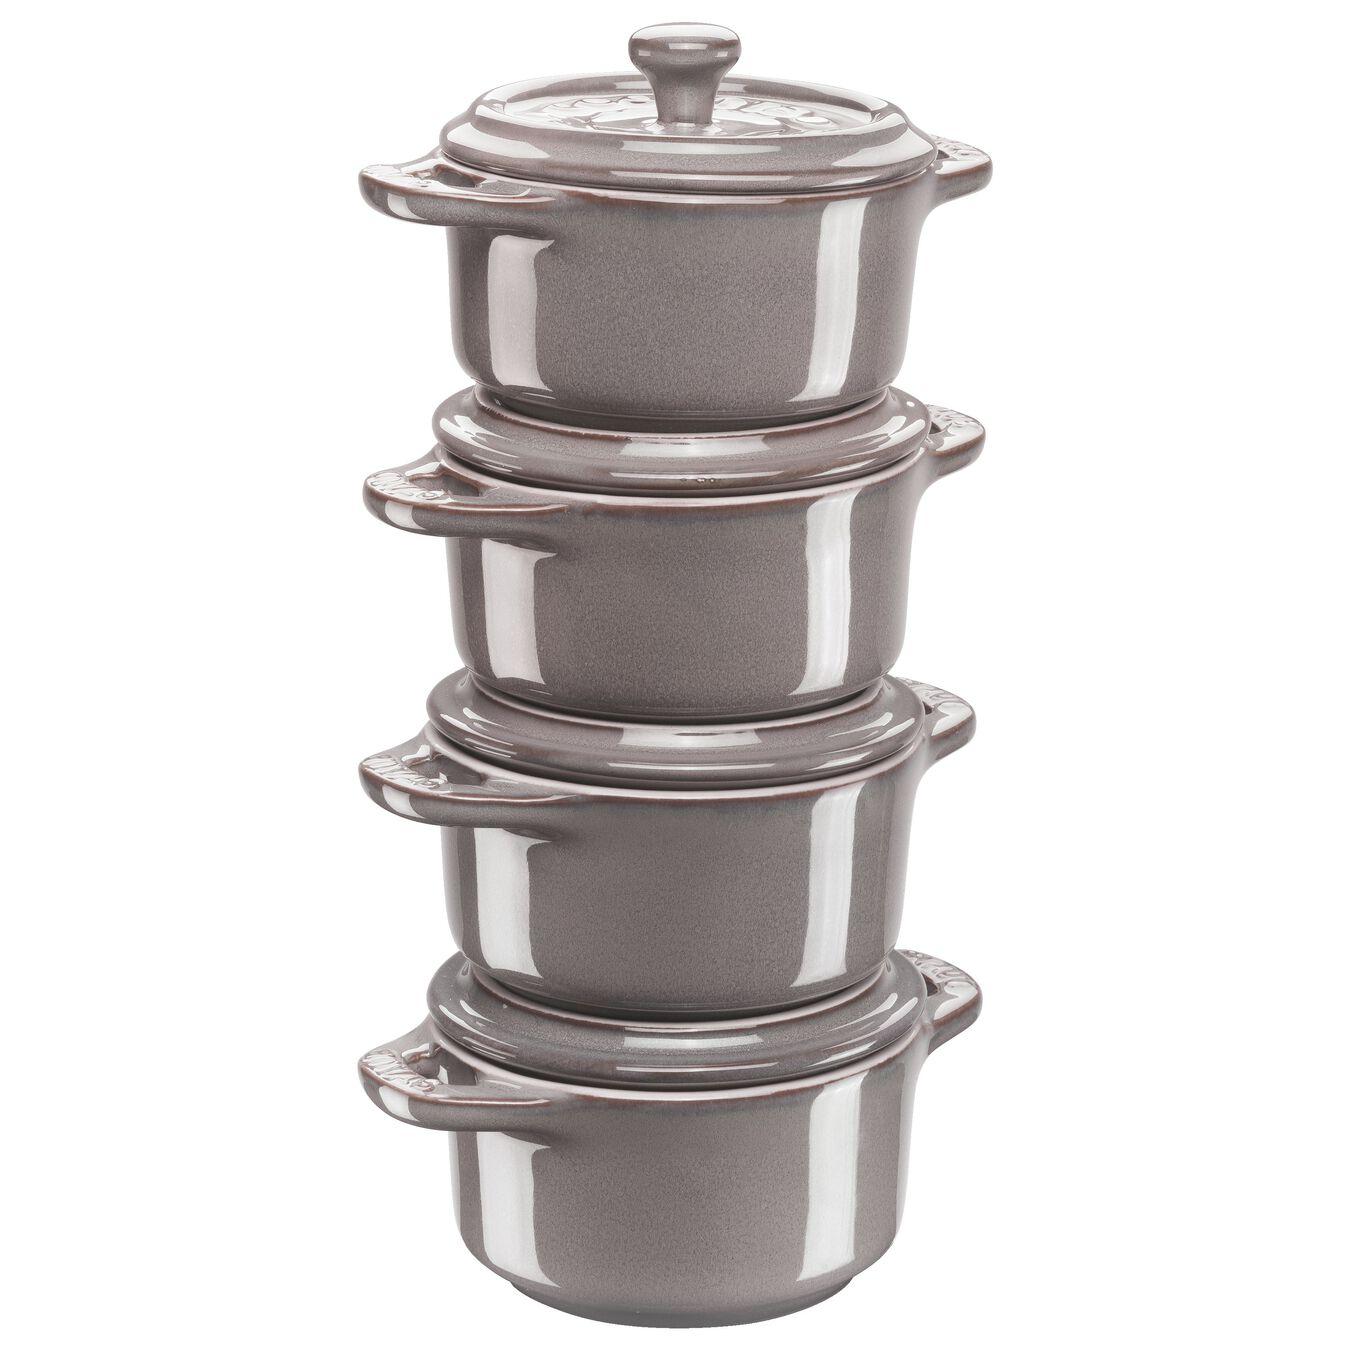 Cocotte Set 4-tlg, rund, Antik-Grau, Keramik,,large 1